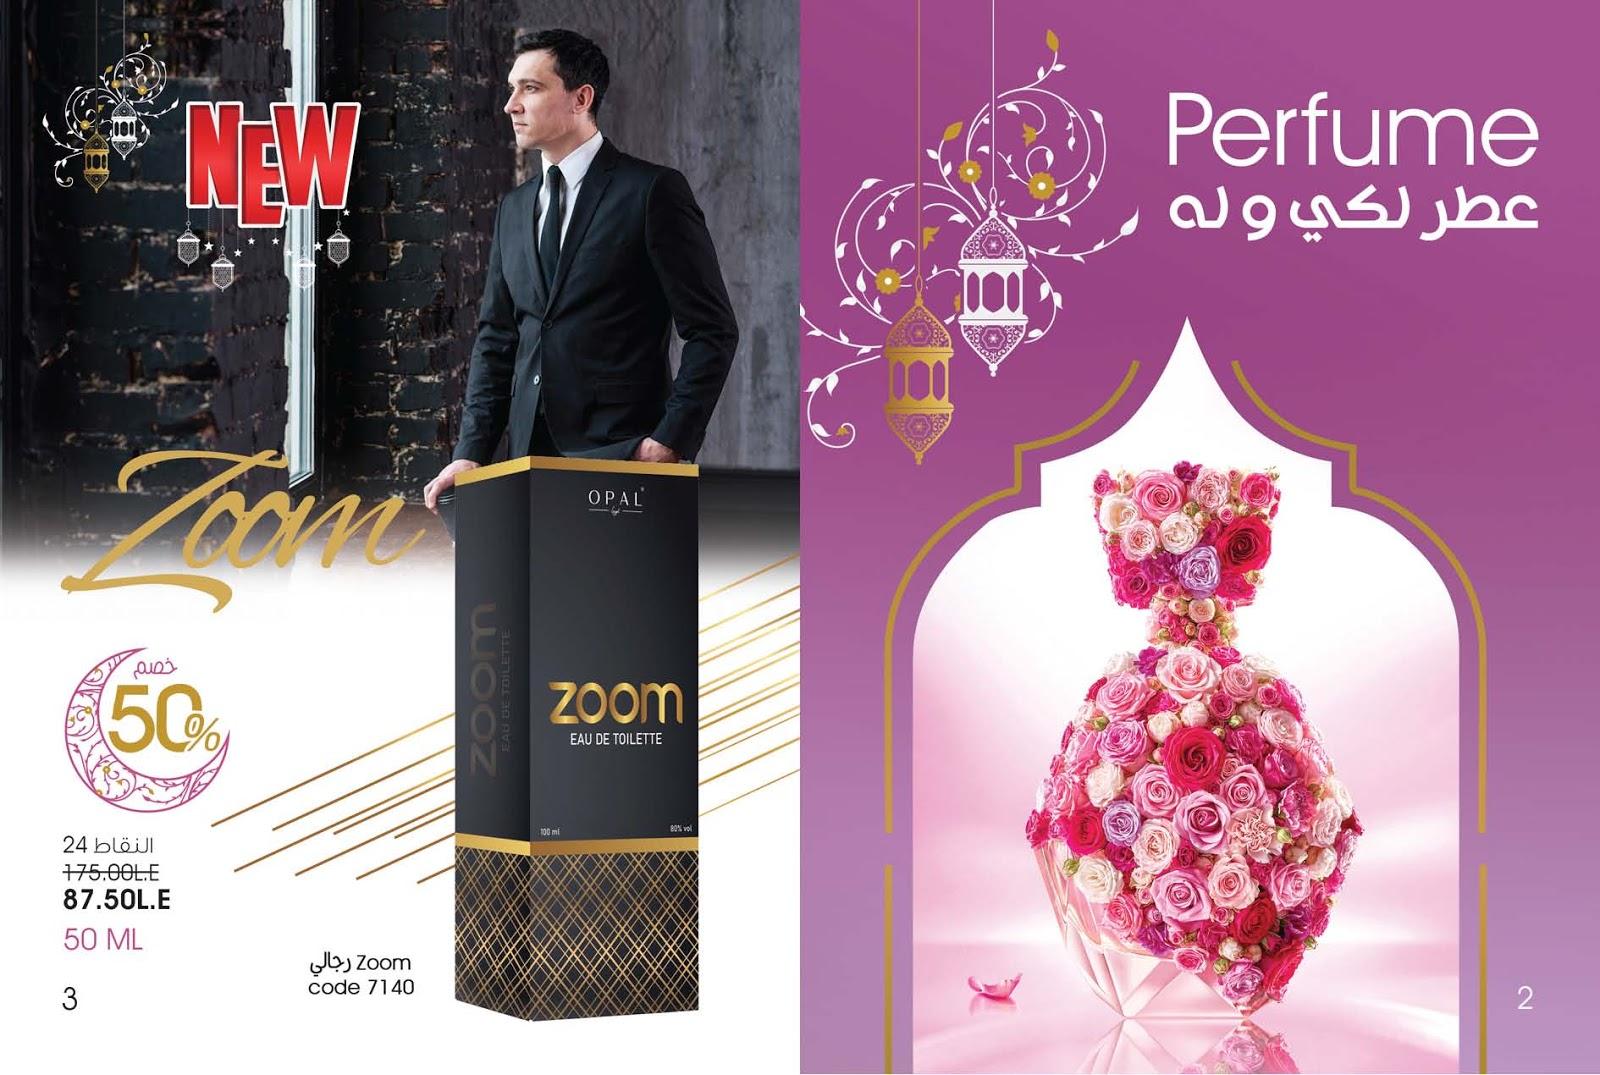 كتالوج اوبال الجديد ابريل 2020 Opal كتالوج رمضان